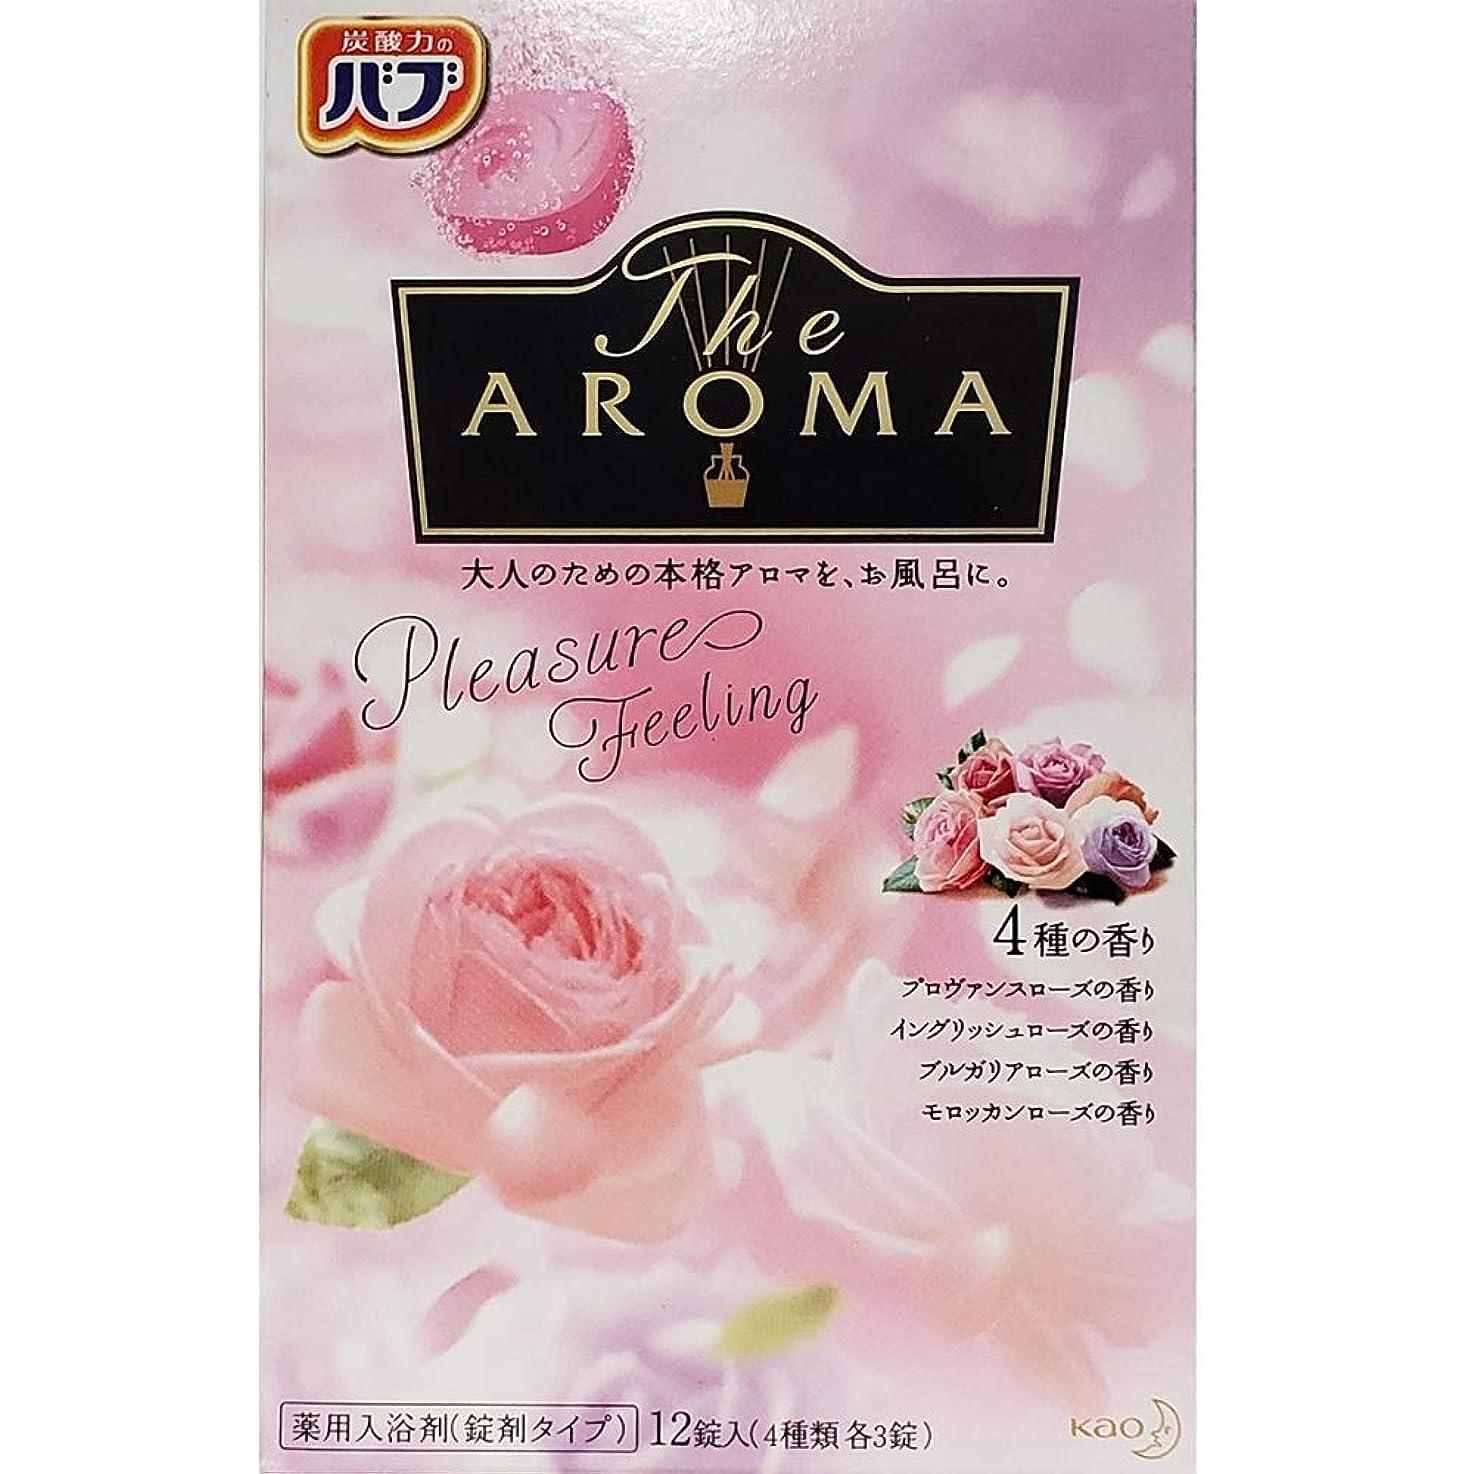 にもかかわらずピグマリオンコンドームバブ The Aroma Pleasure Feeling 40g×12錠(4種類 各3錠) 医薬部外品